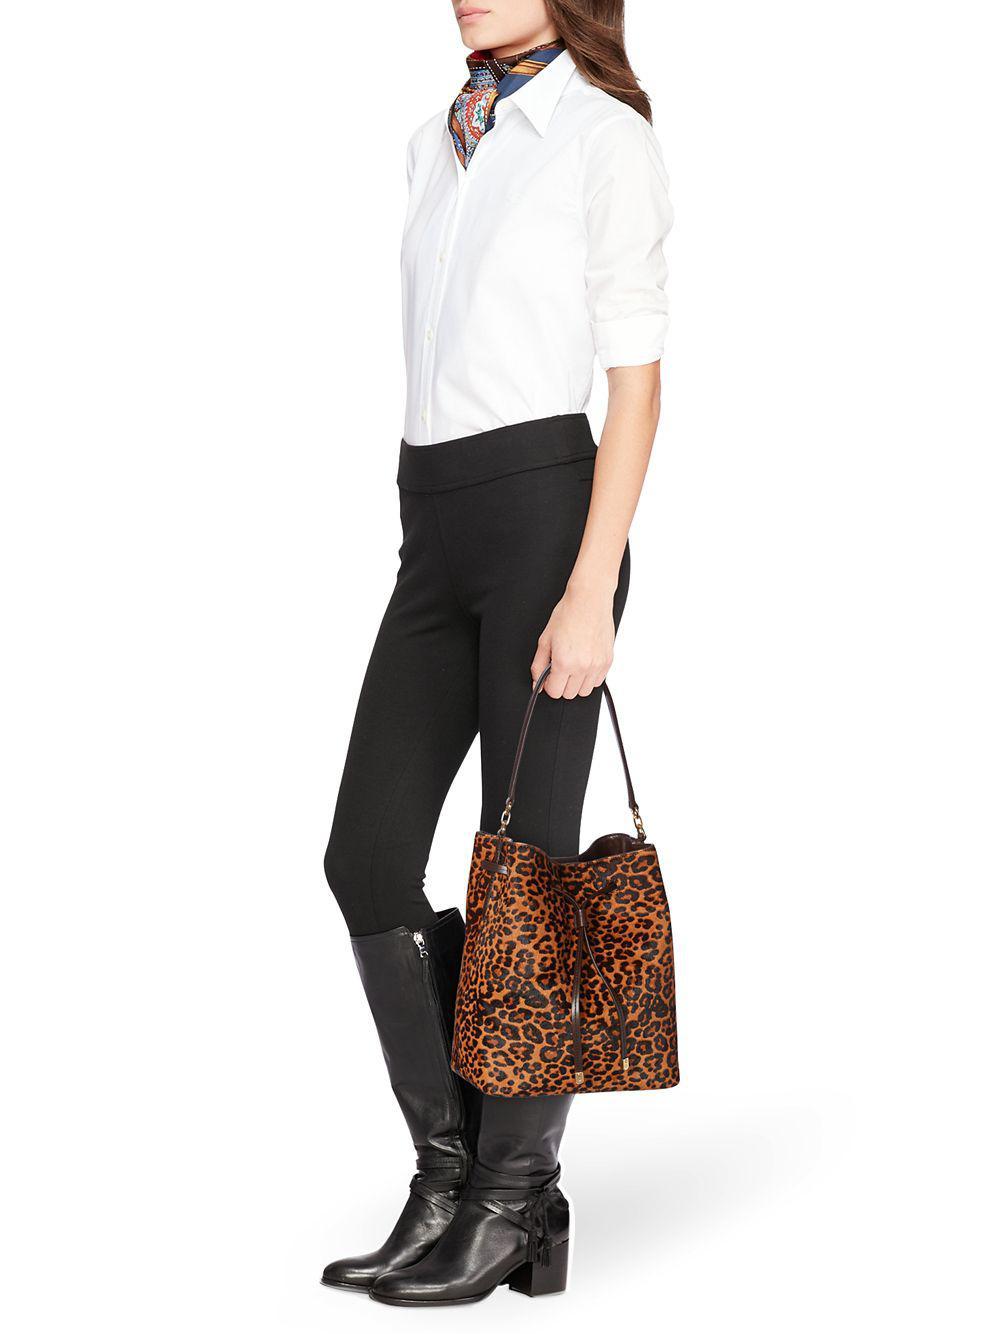 e632a59741 Lauren by Ralph Lauren - Brown Leopard Print Calf Hair Debby Drawstring Bag  - Lyst. View fullscreen